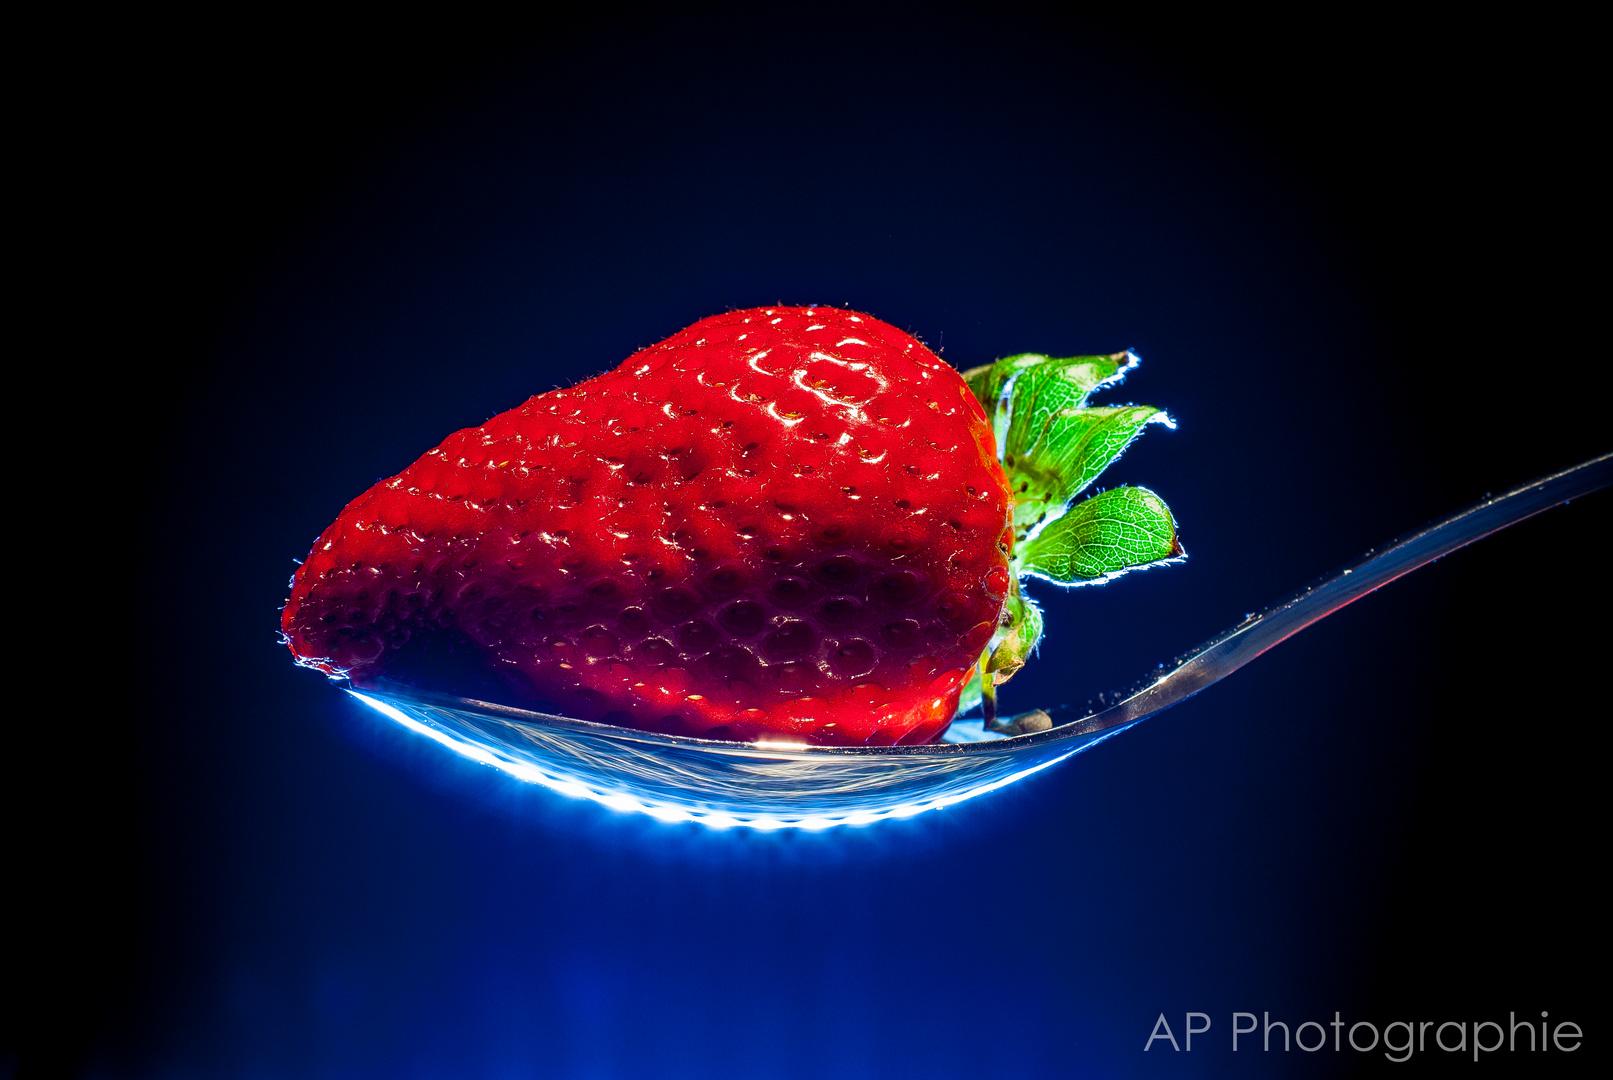 Ein Löffel Erdbeere